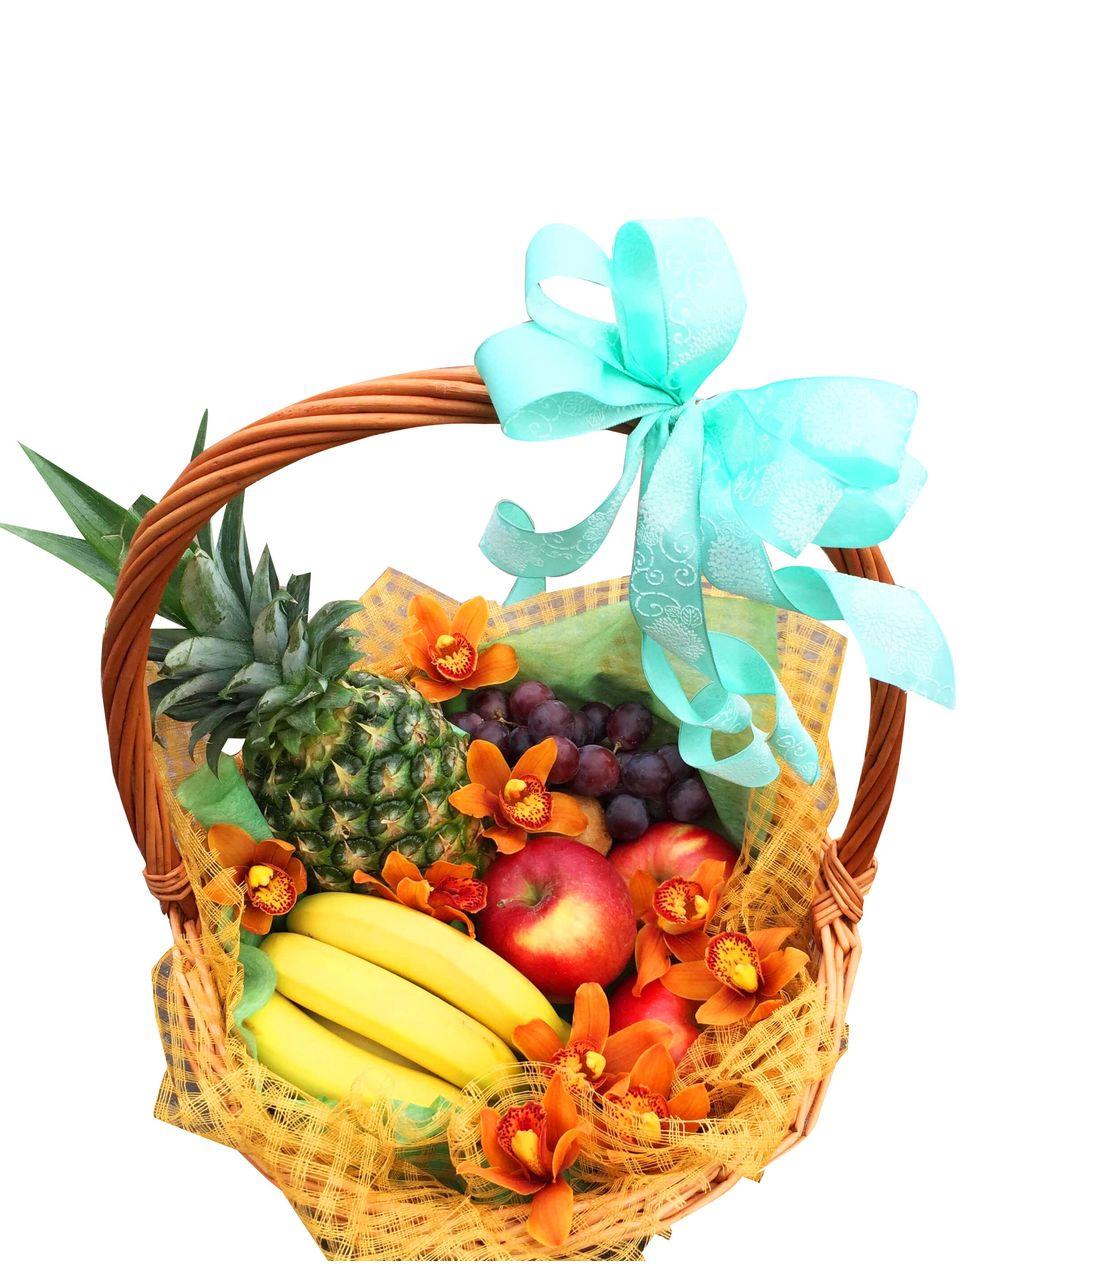 Фруктовий кошик на день народження. Superflowers.com.ua